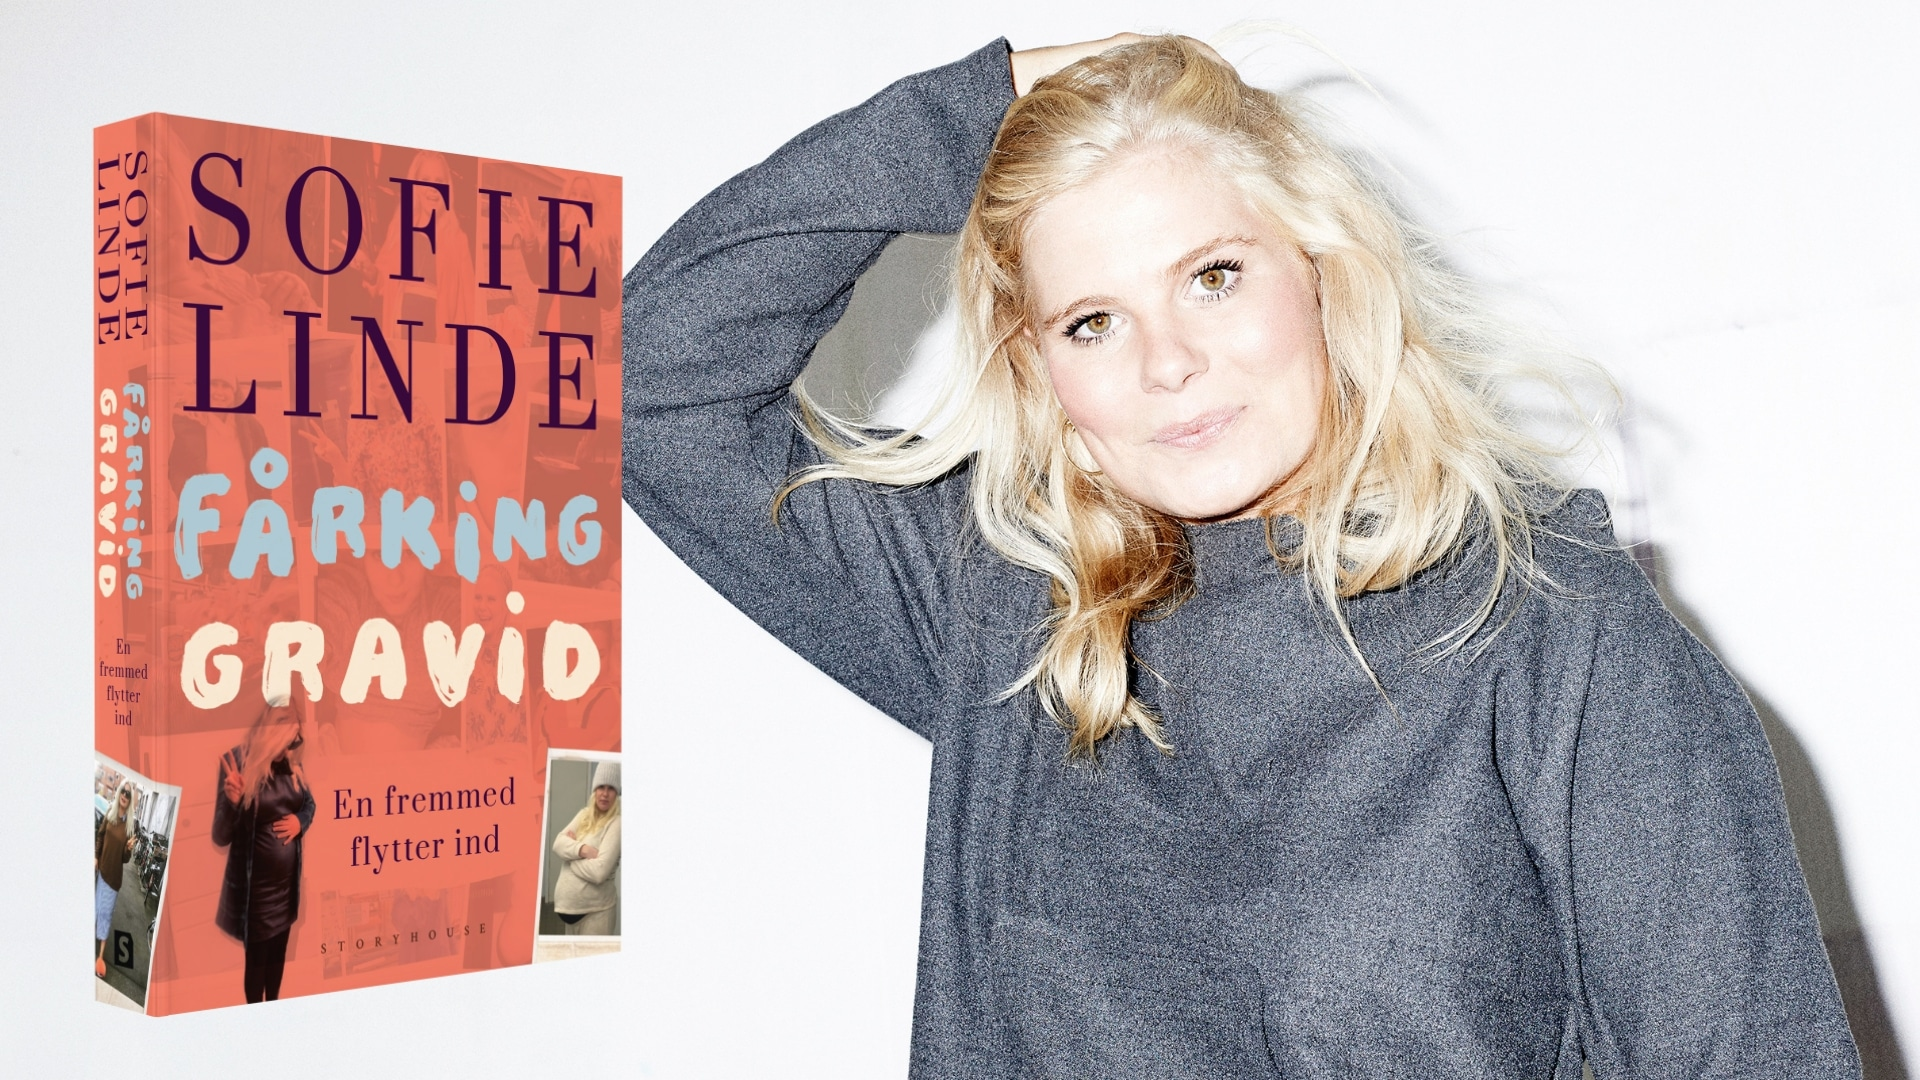 Sofie Linde, Fårking gravid, gravid, graviditetsbog